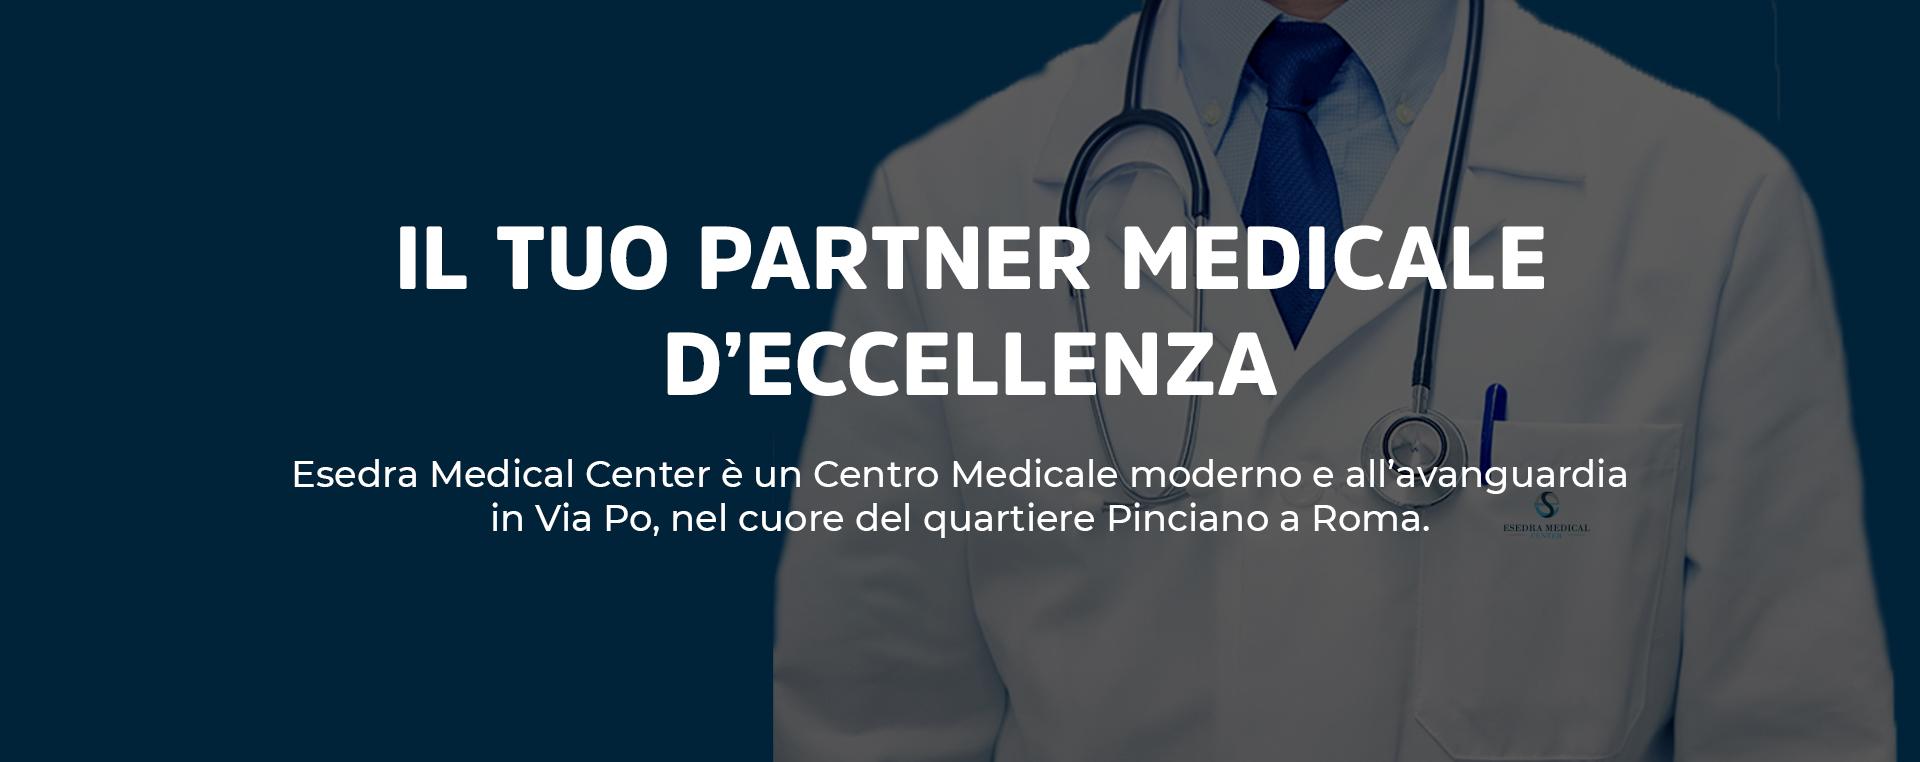 Inaugurazione Esedra Medical Center